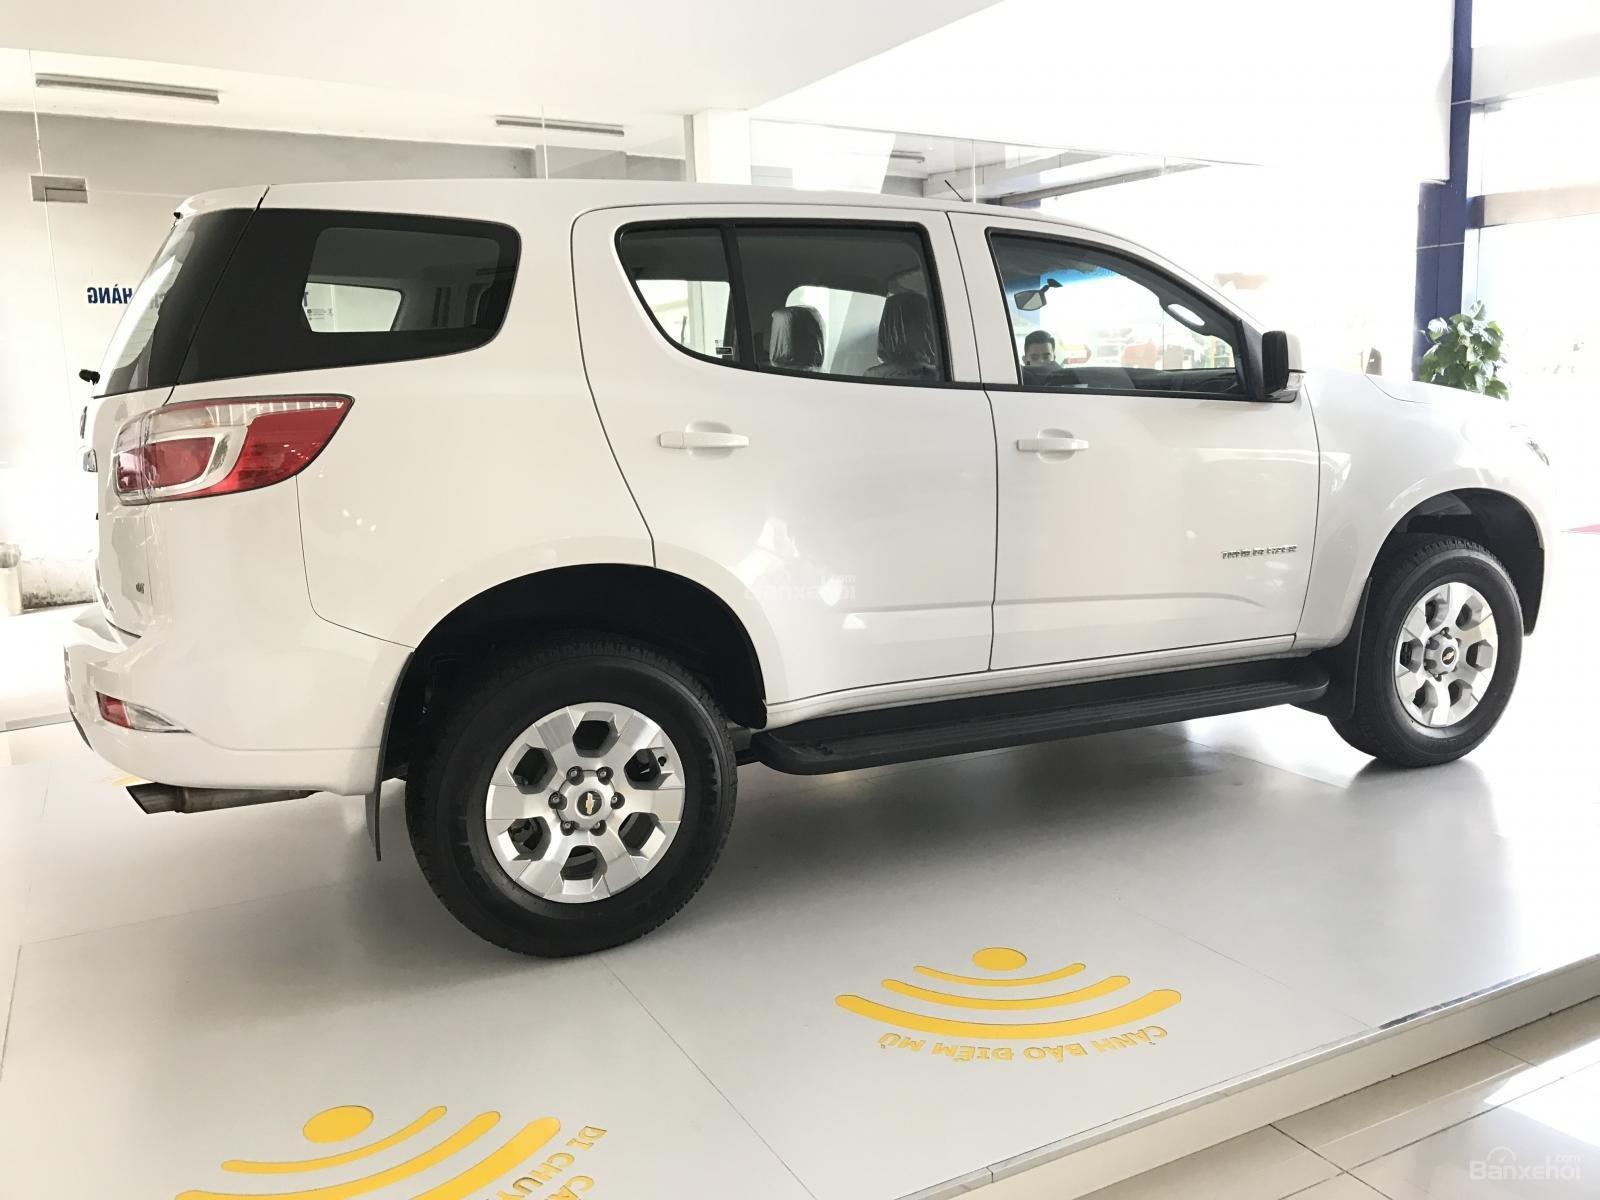 Cần bán Chevrolet Trailblazer 2.5L 4x2 MT LT, màu trắng, nhập khẩu, ưu đãi 30 triệu T12/2018-3